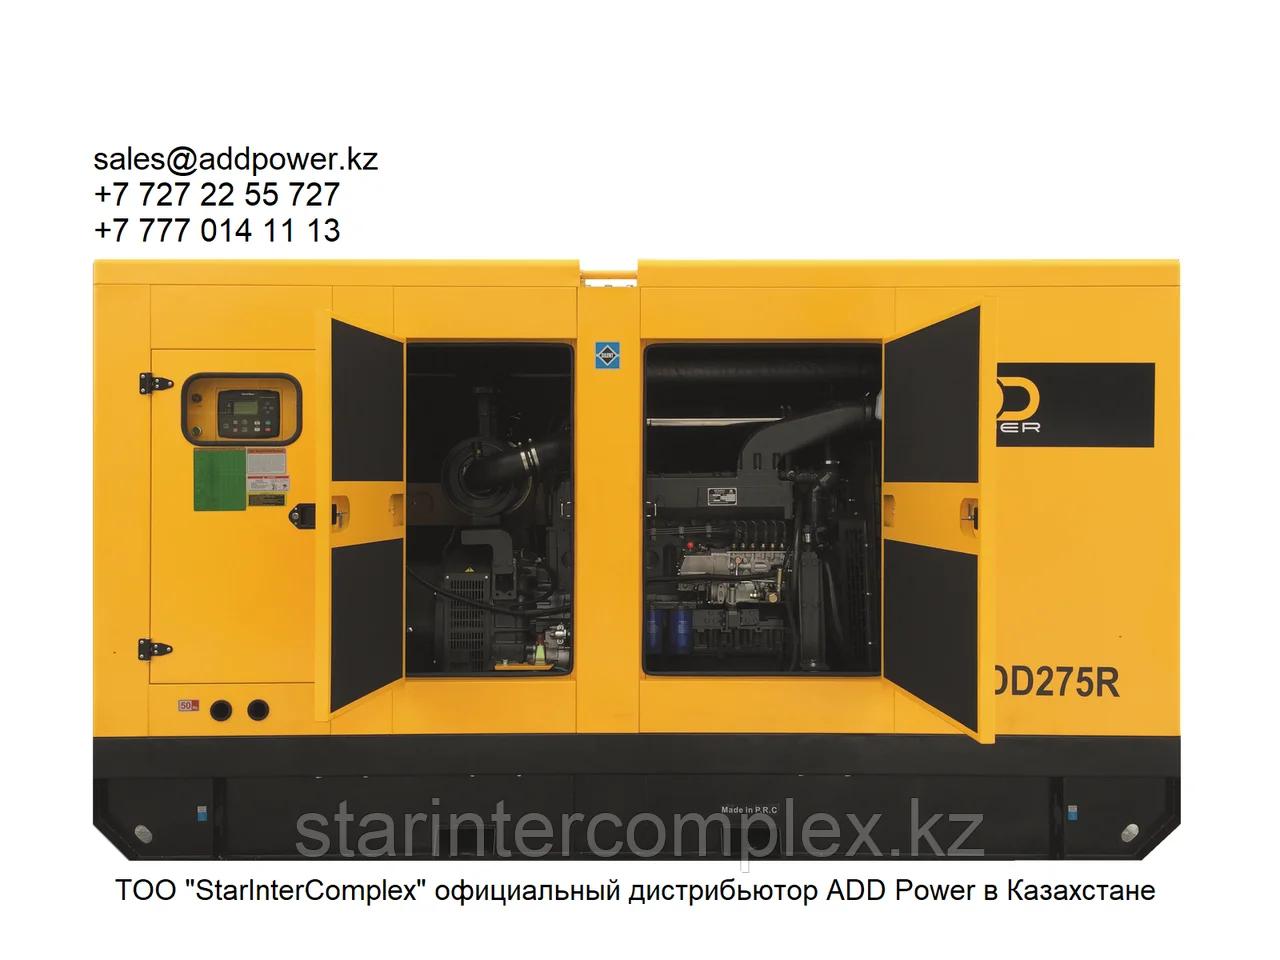 Дизельный генератор ADD80R во всепогодном шумозащитном кожухе